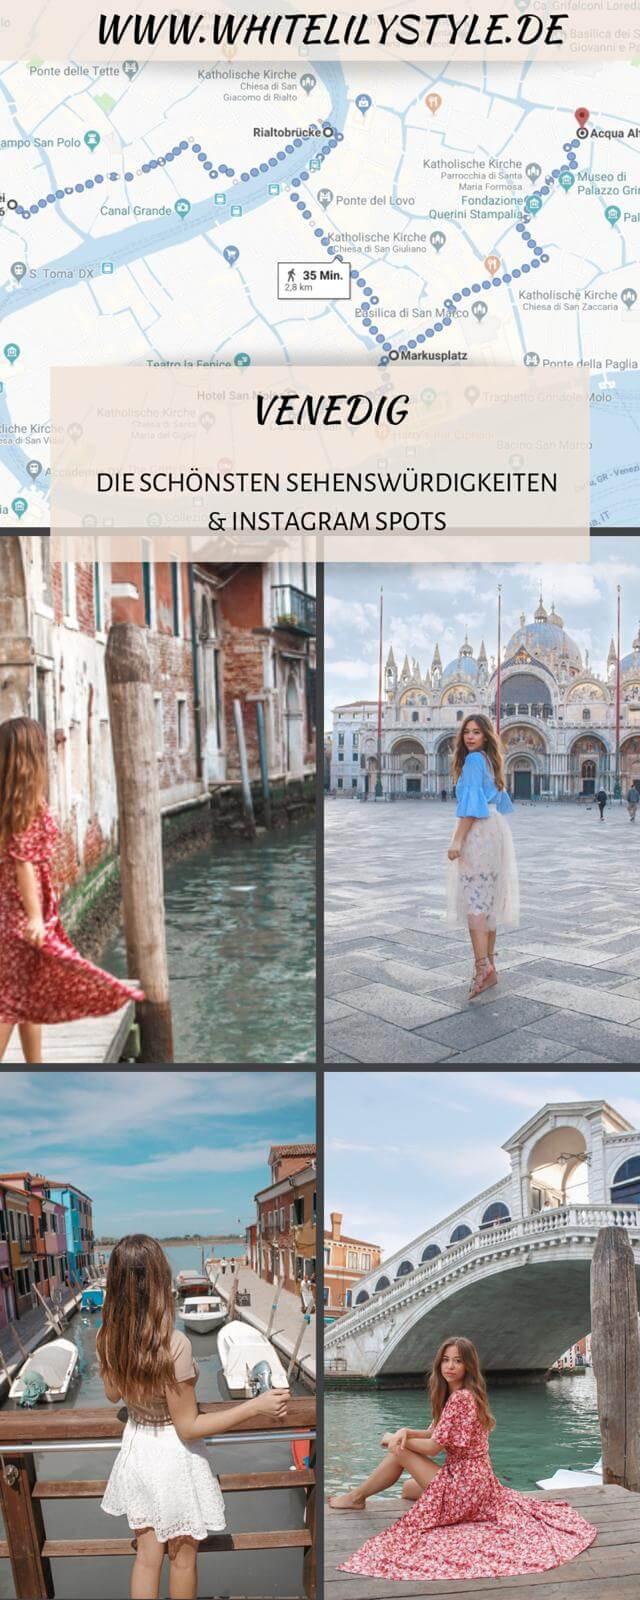 Venedig ohne Touristen So bekommst du das perfekte Bild an den 5 schönsten Sehenswürdigkeiten Venedigs!